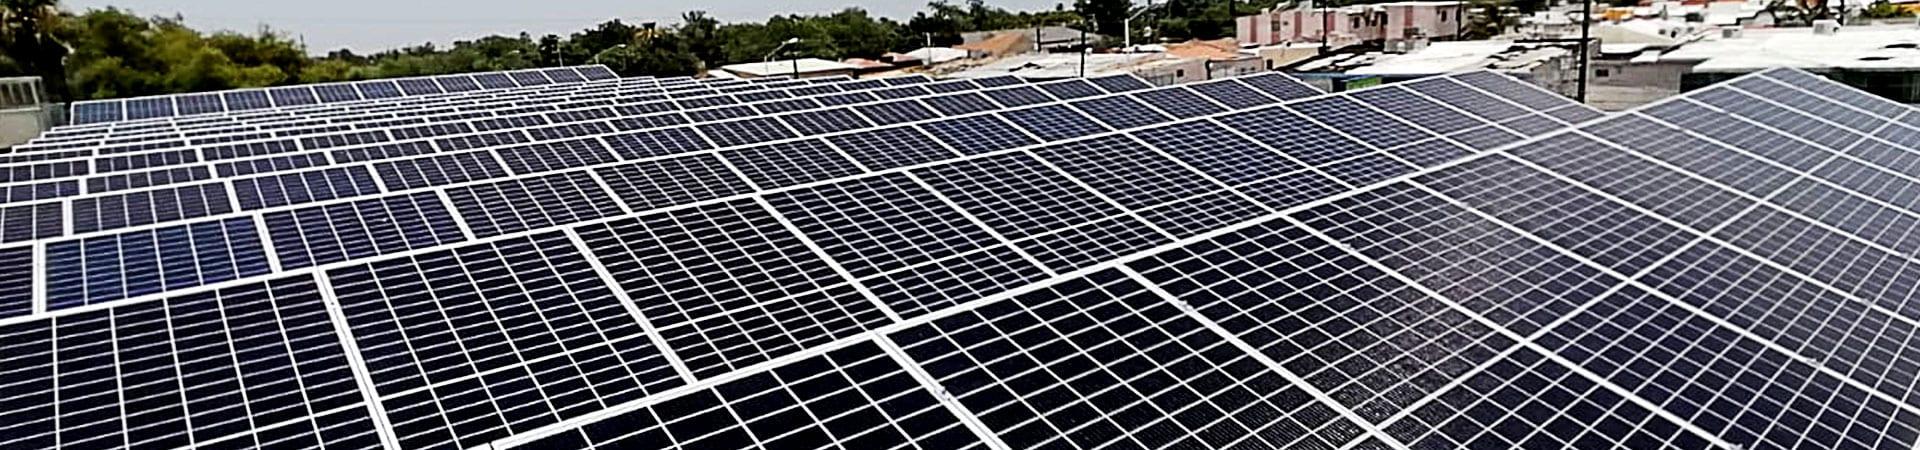 Paneles solares instalados en tienda por Starsol